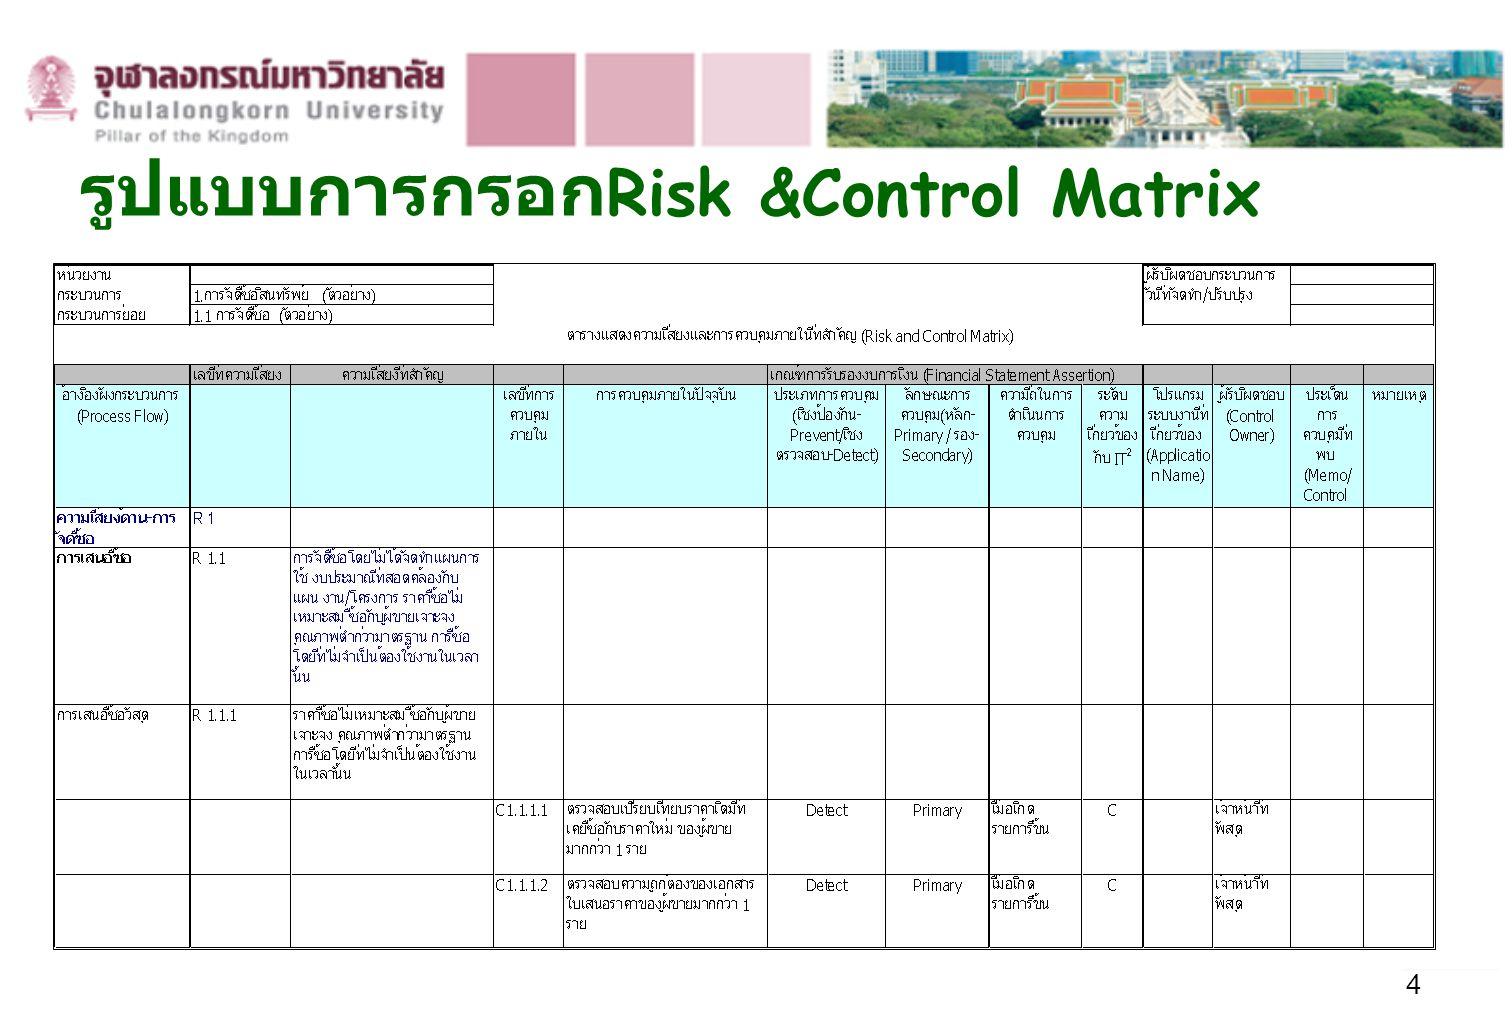 รูปแบบการกรอกRisk &Control Matrix